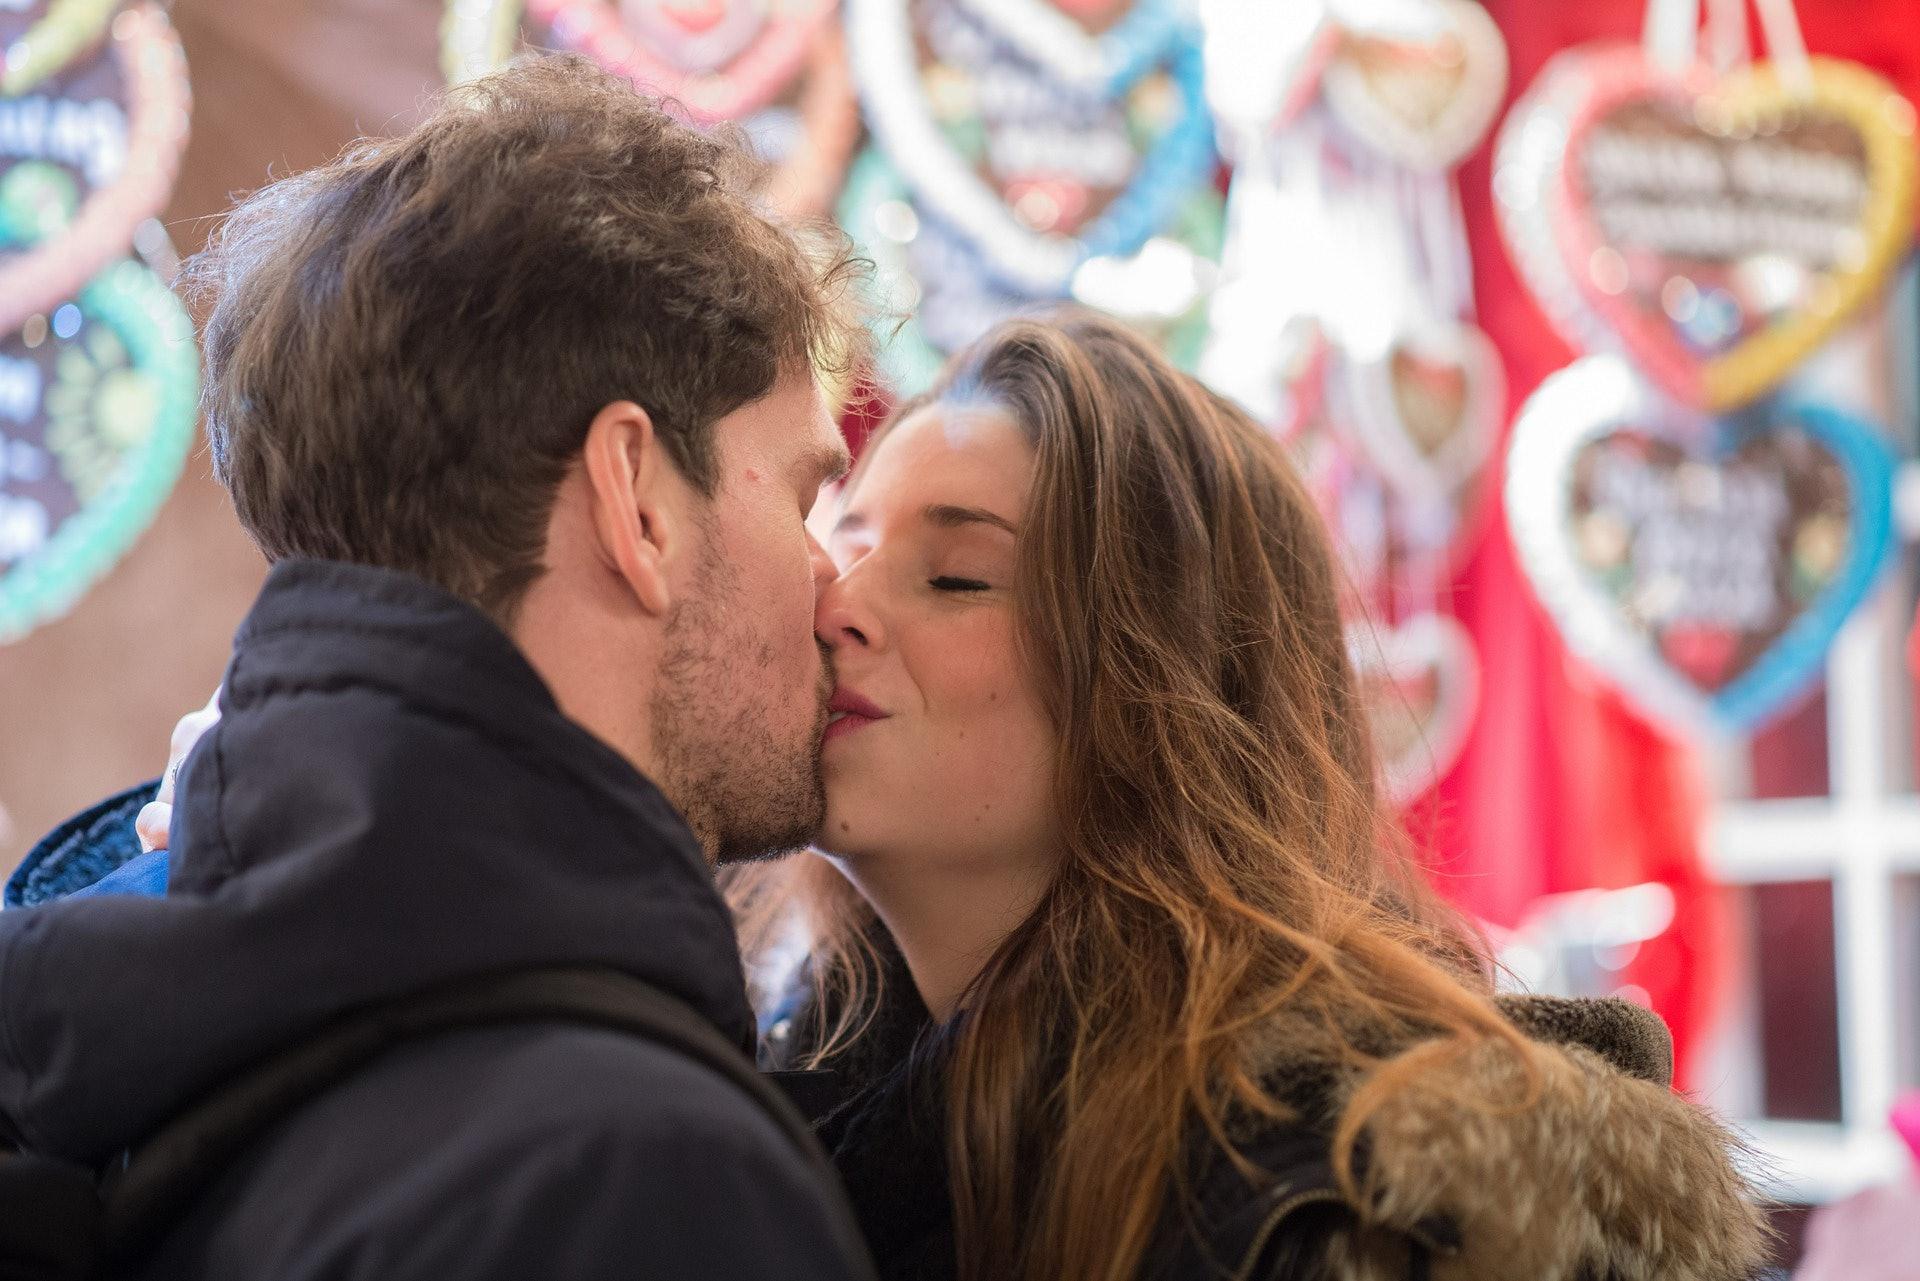 1st date kiss